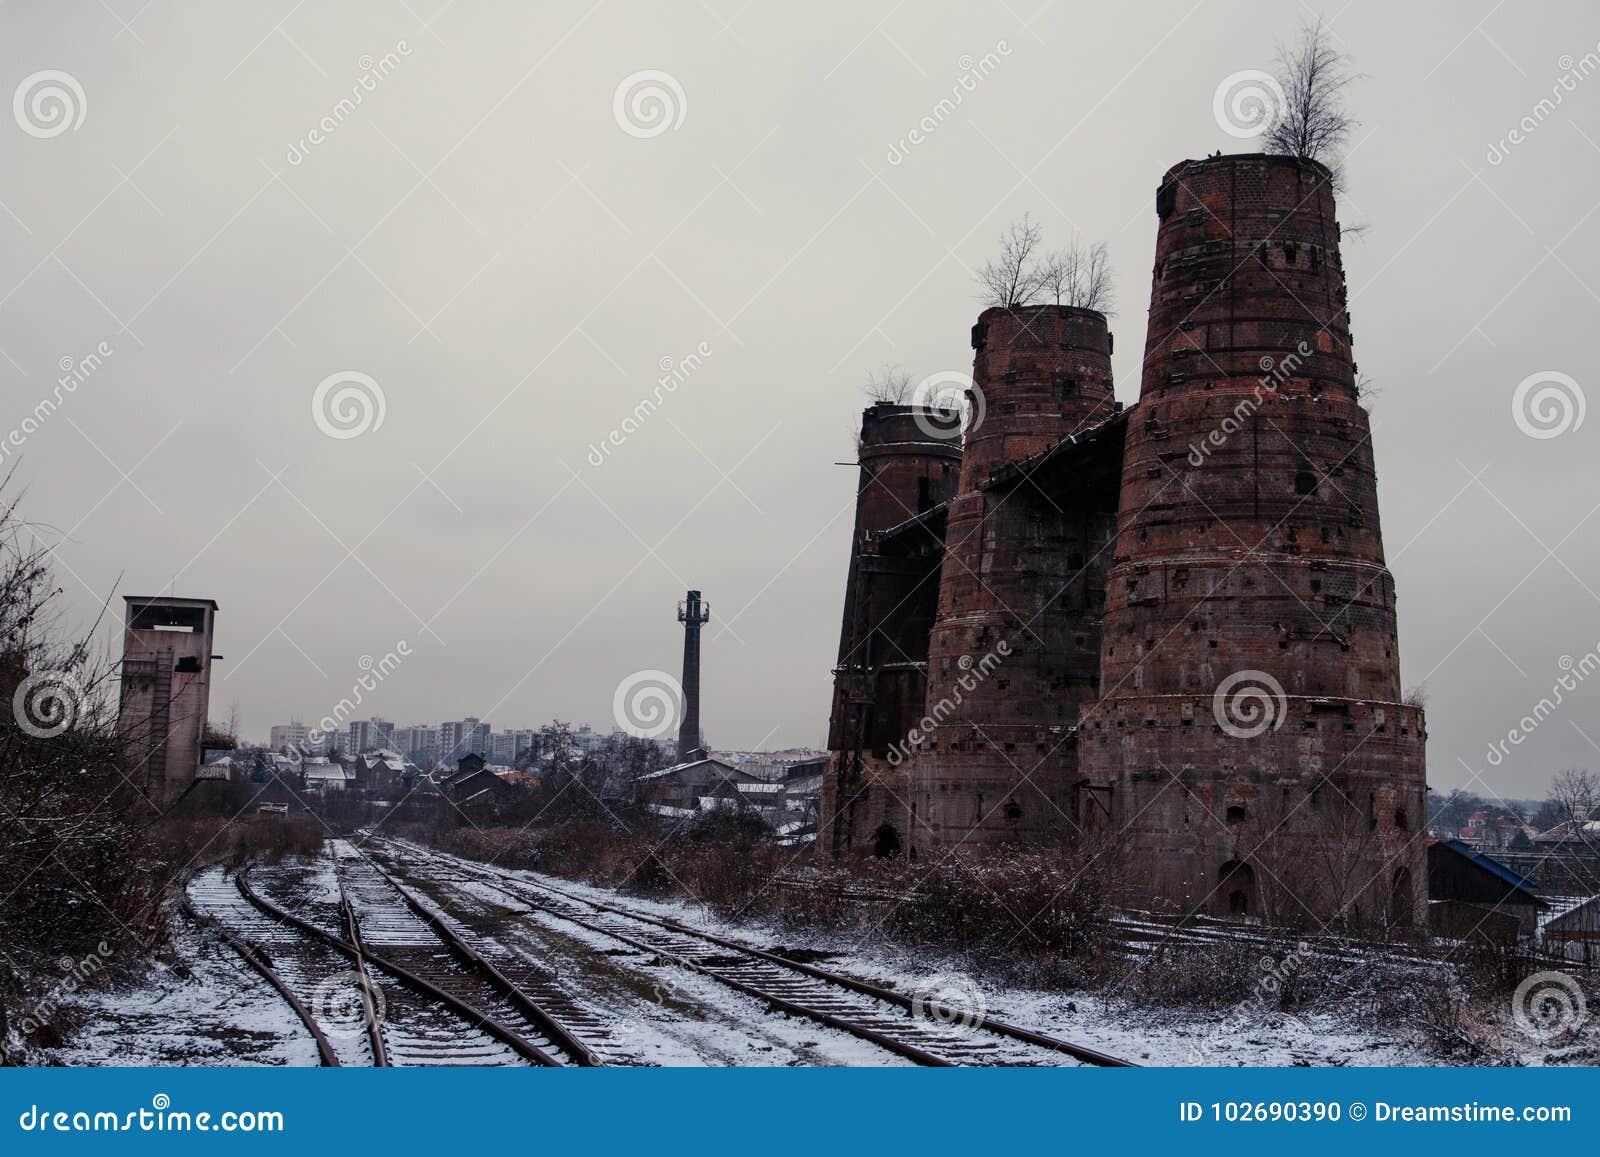 Alter historischer Kalksteinofen in Poldovka, Tschechische Republik